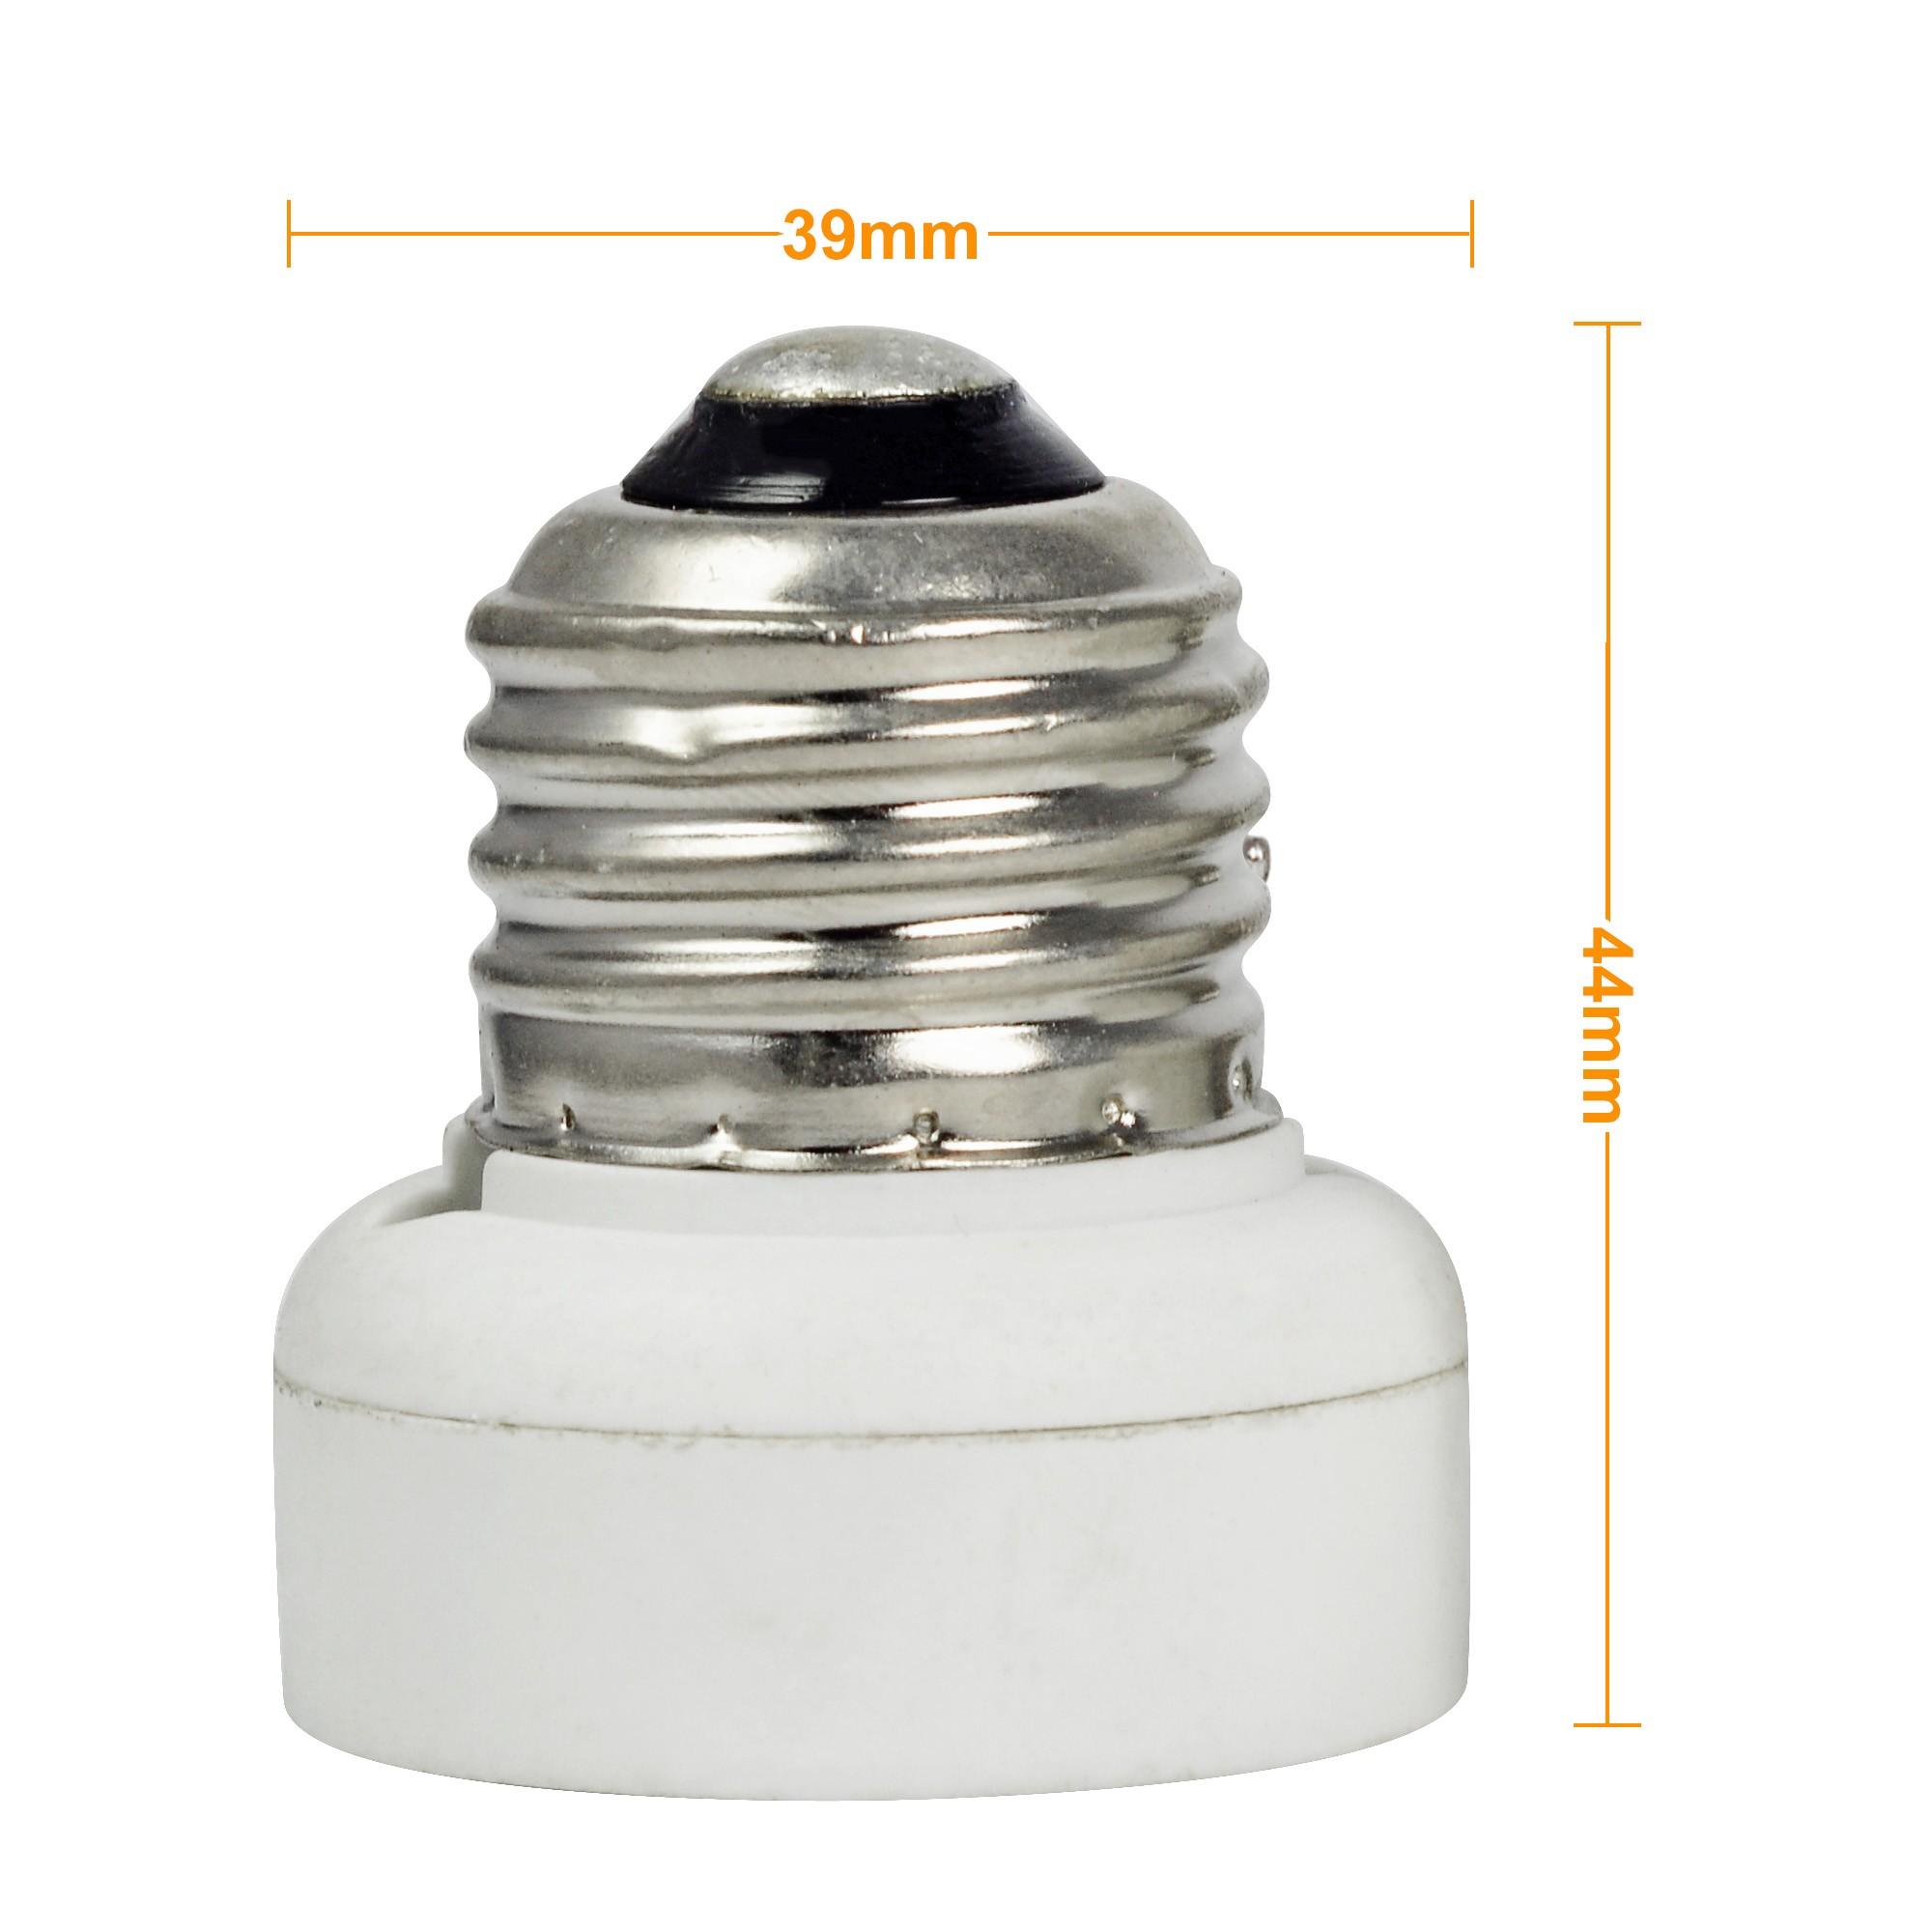 Mengsled Mengs 174 E26 To Gu24 Led Light Bulb Lamp Socket Adaptor Extender Holder